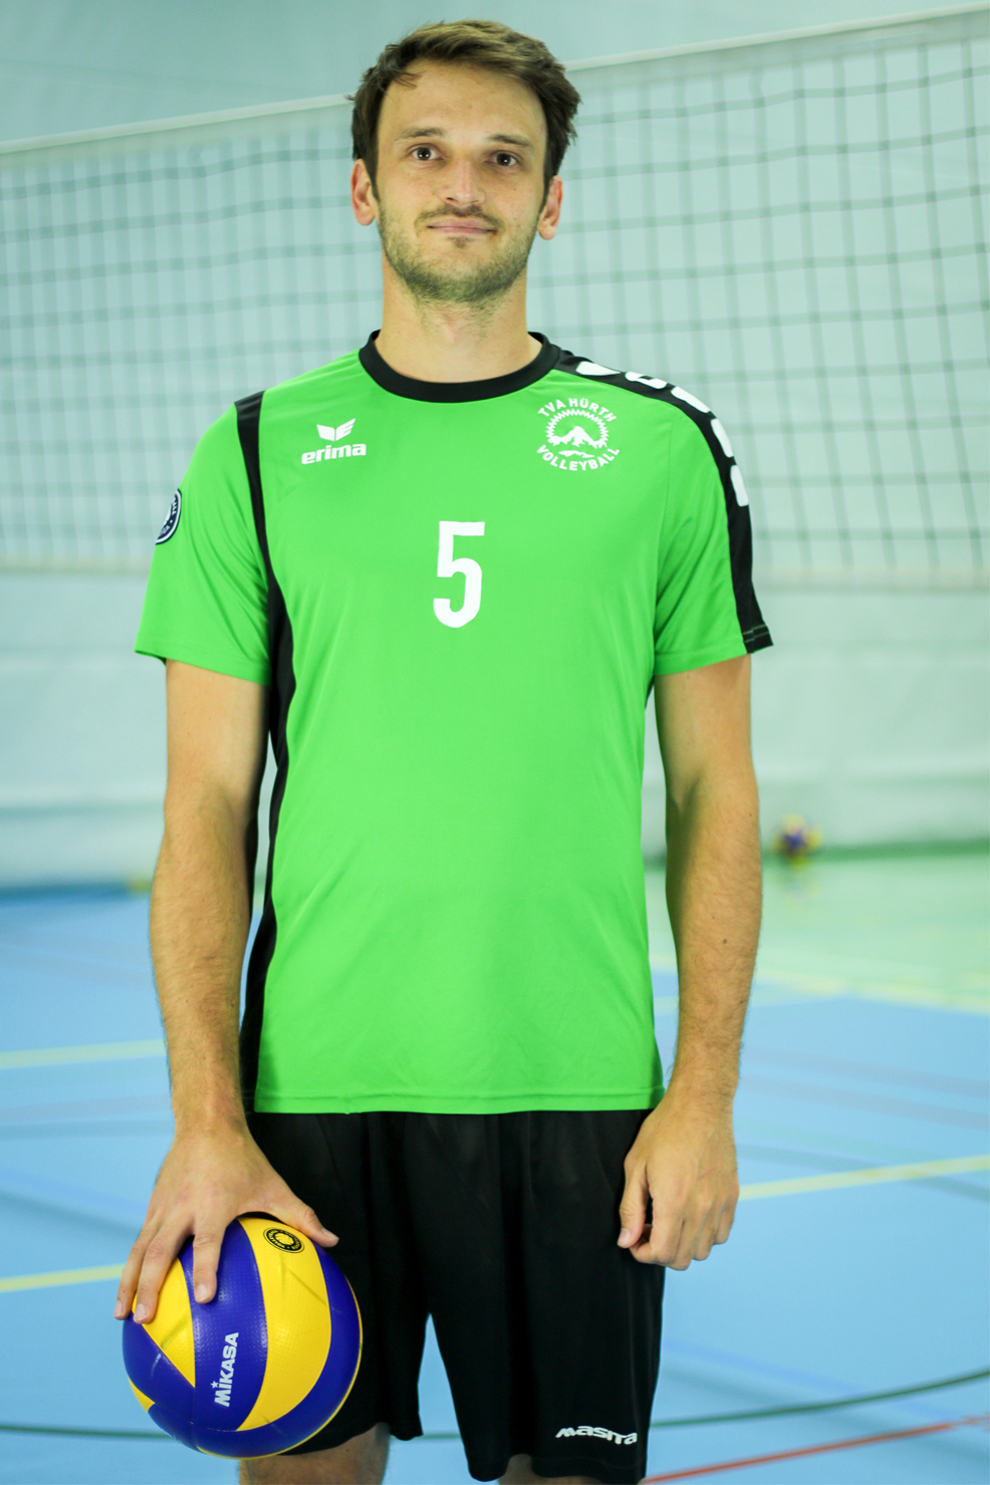 Manu Schiller